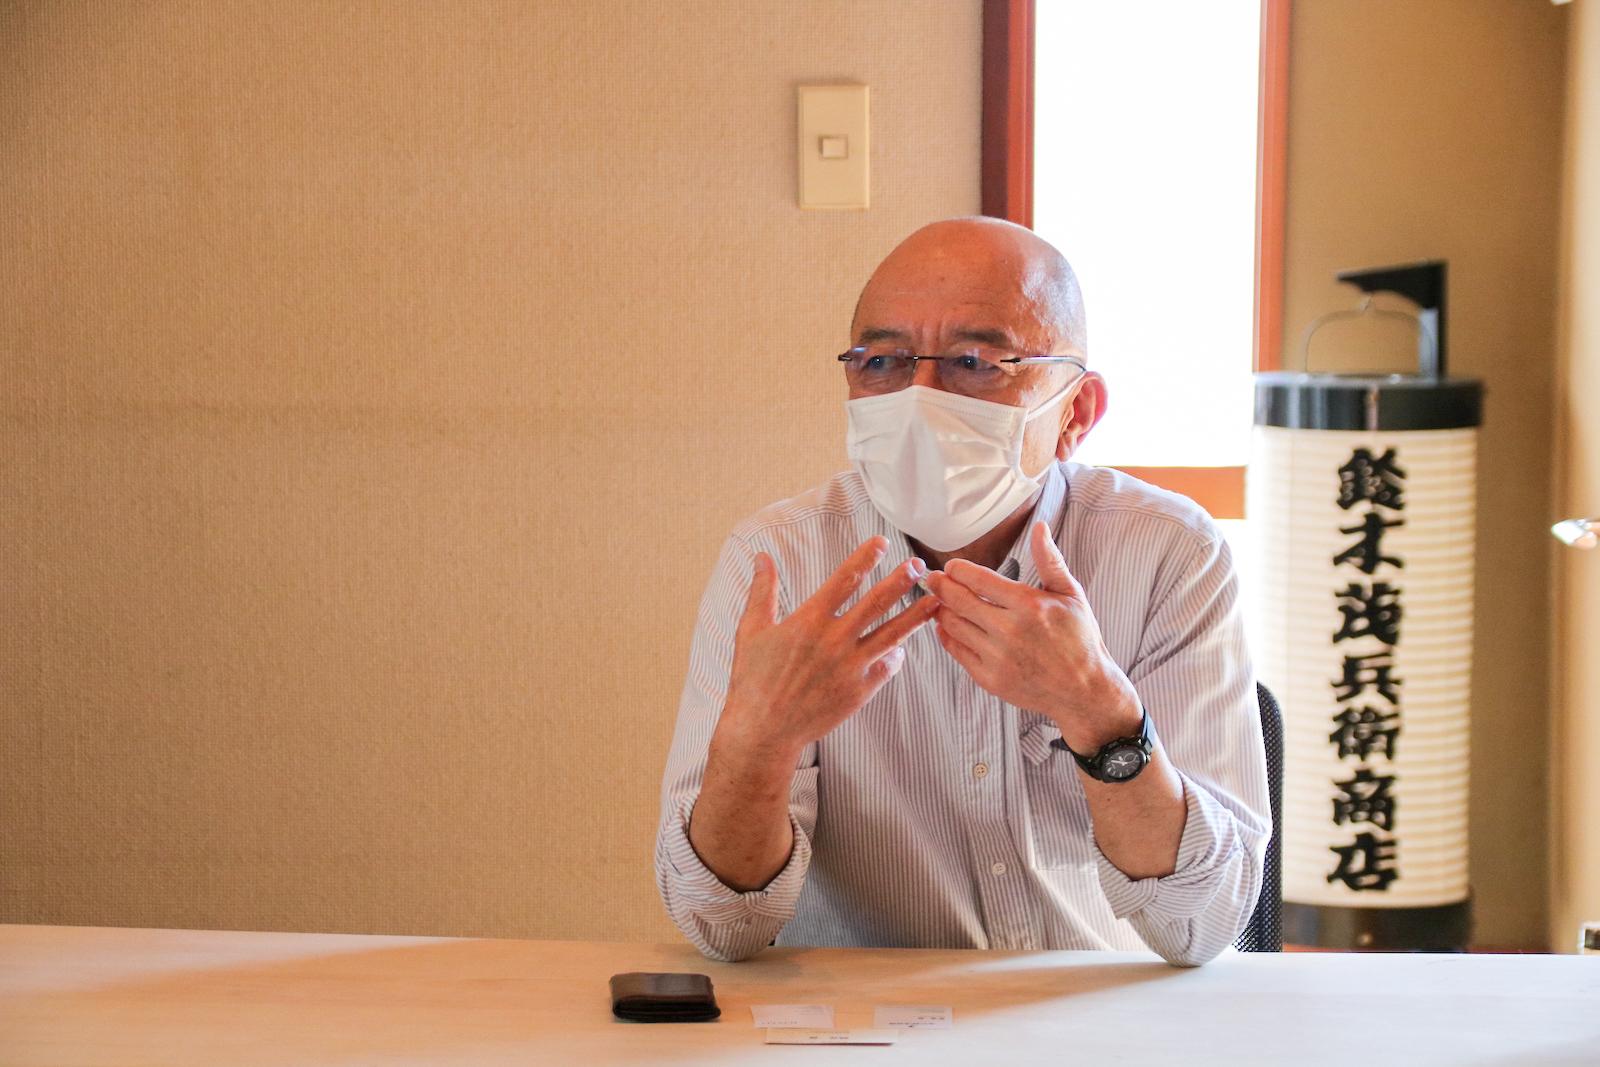 7代目の鈴木隆太郎さん